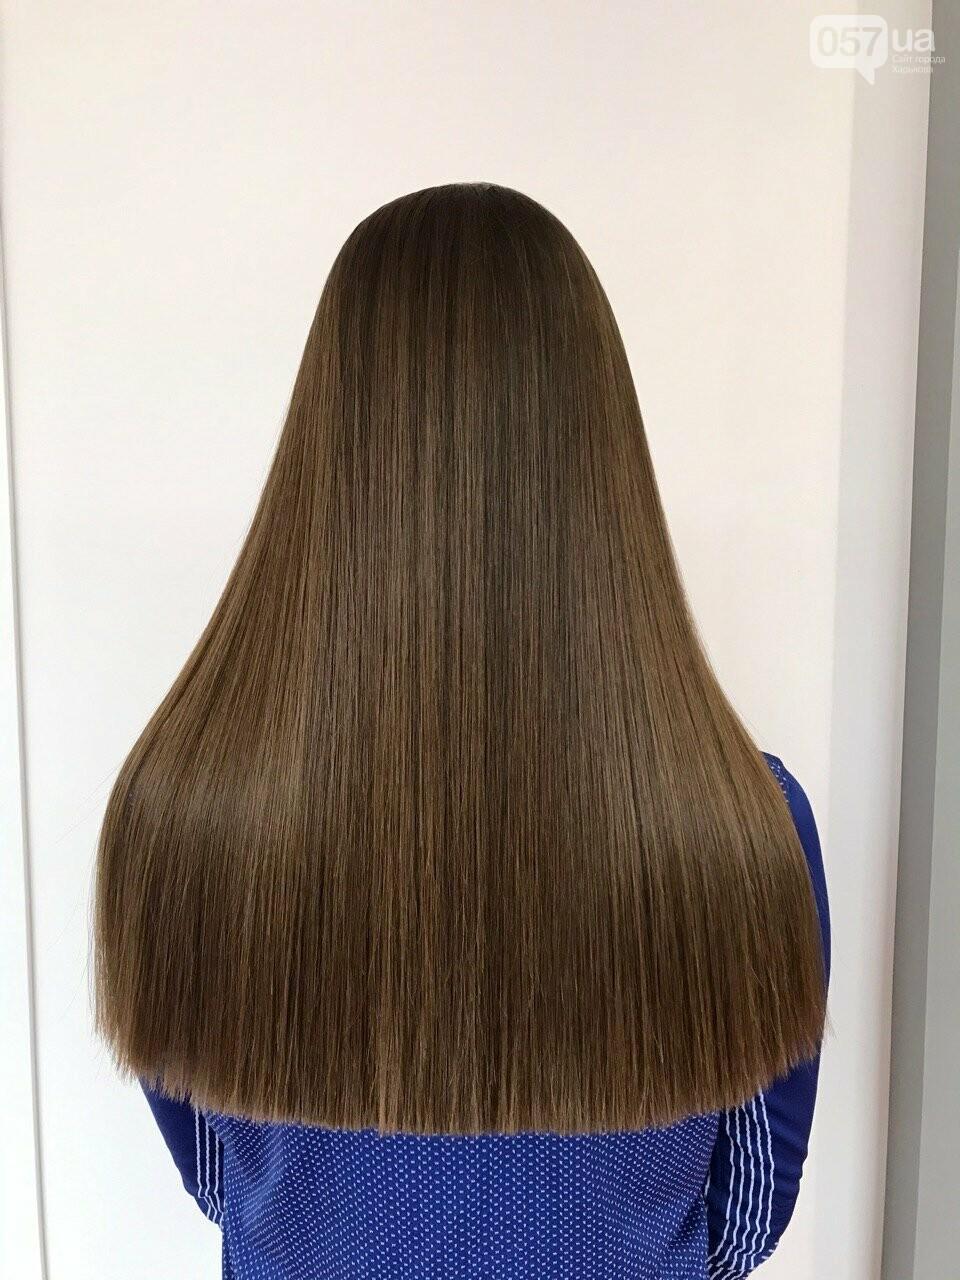 Путь к здоровым и красивым волосам. Советы PIED-DE-POULE, фото-4